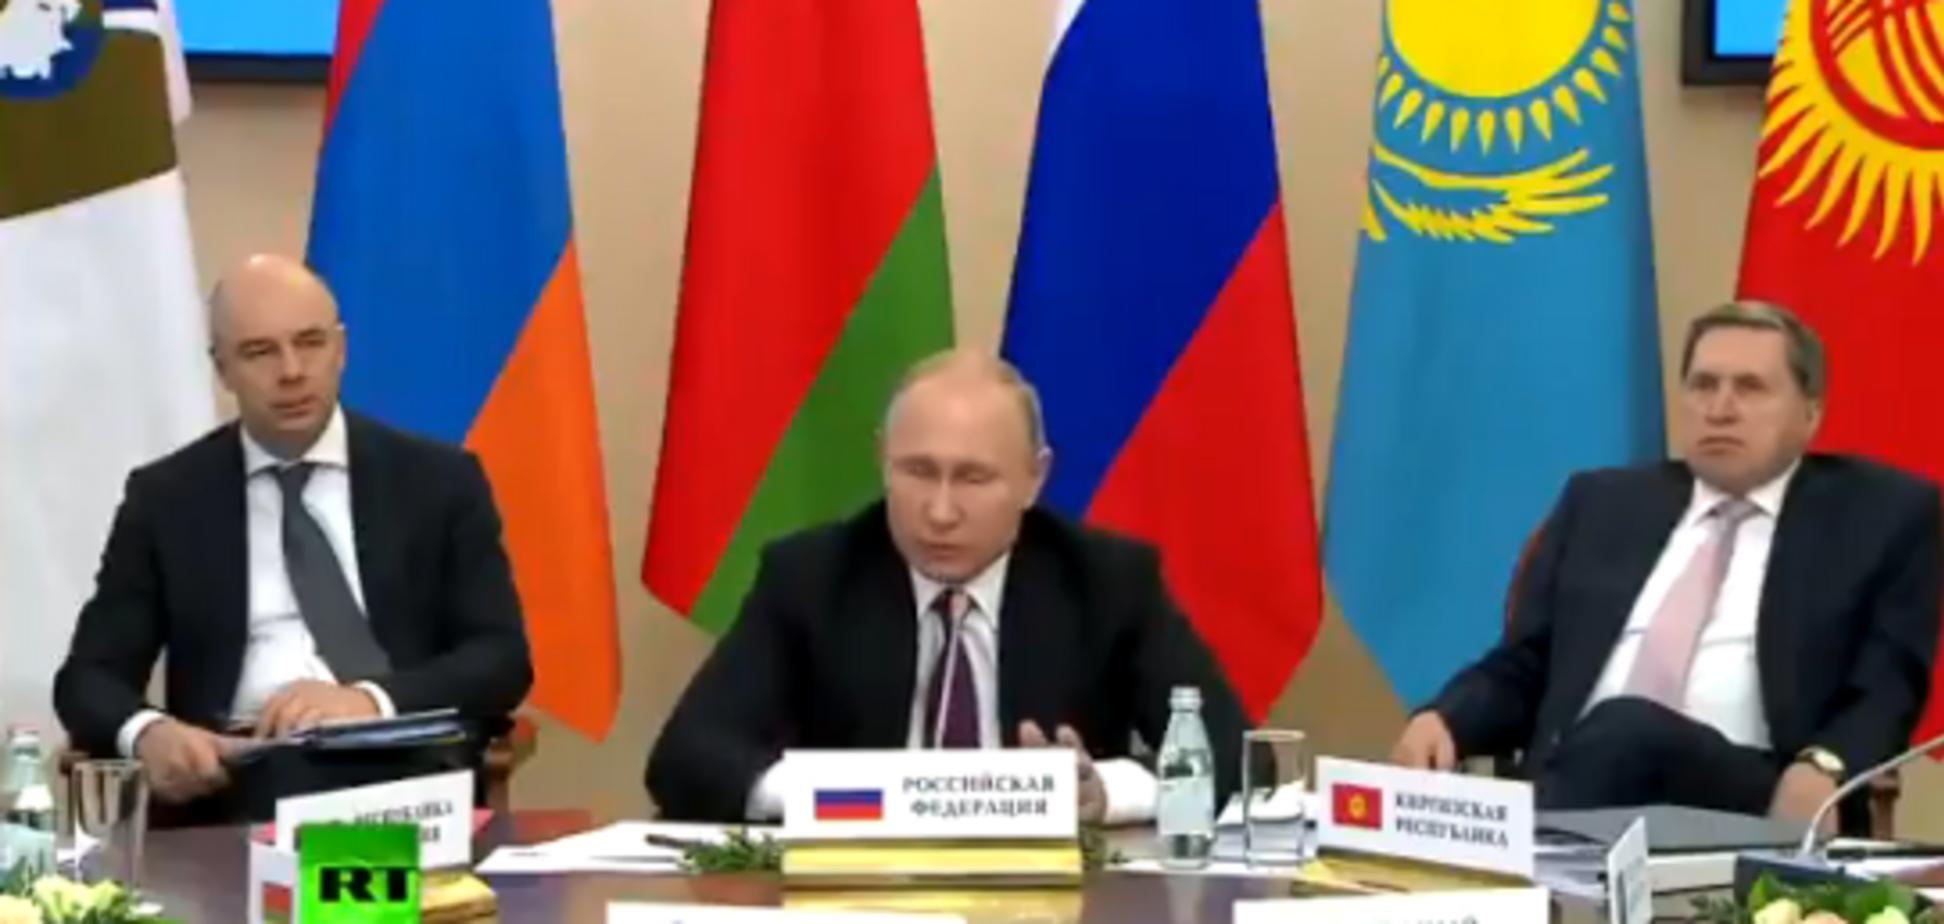 ''Хотим газ по $70'': Лукашенко устроил жаркий спор с Путиным